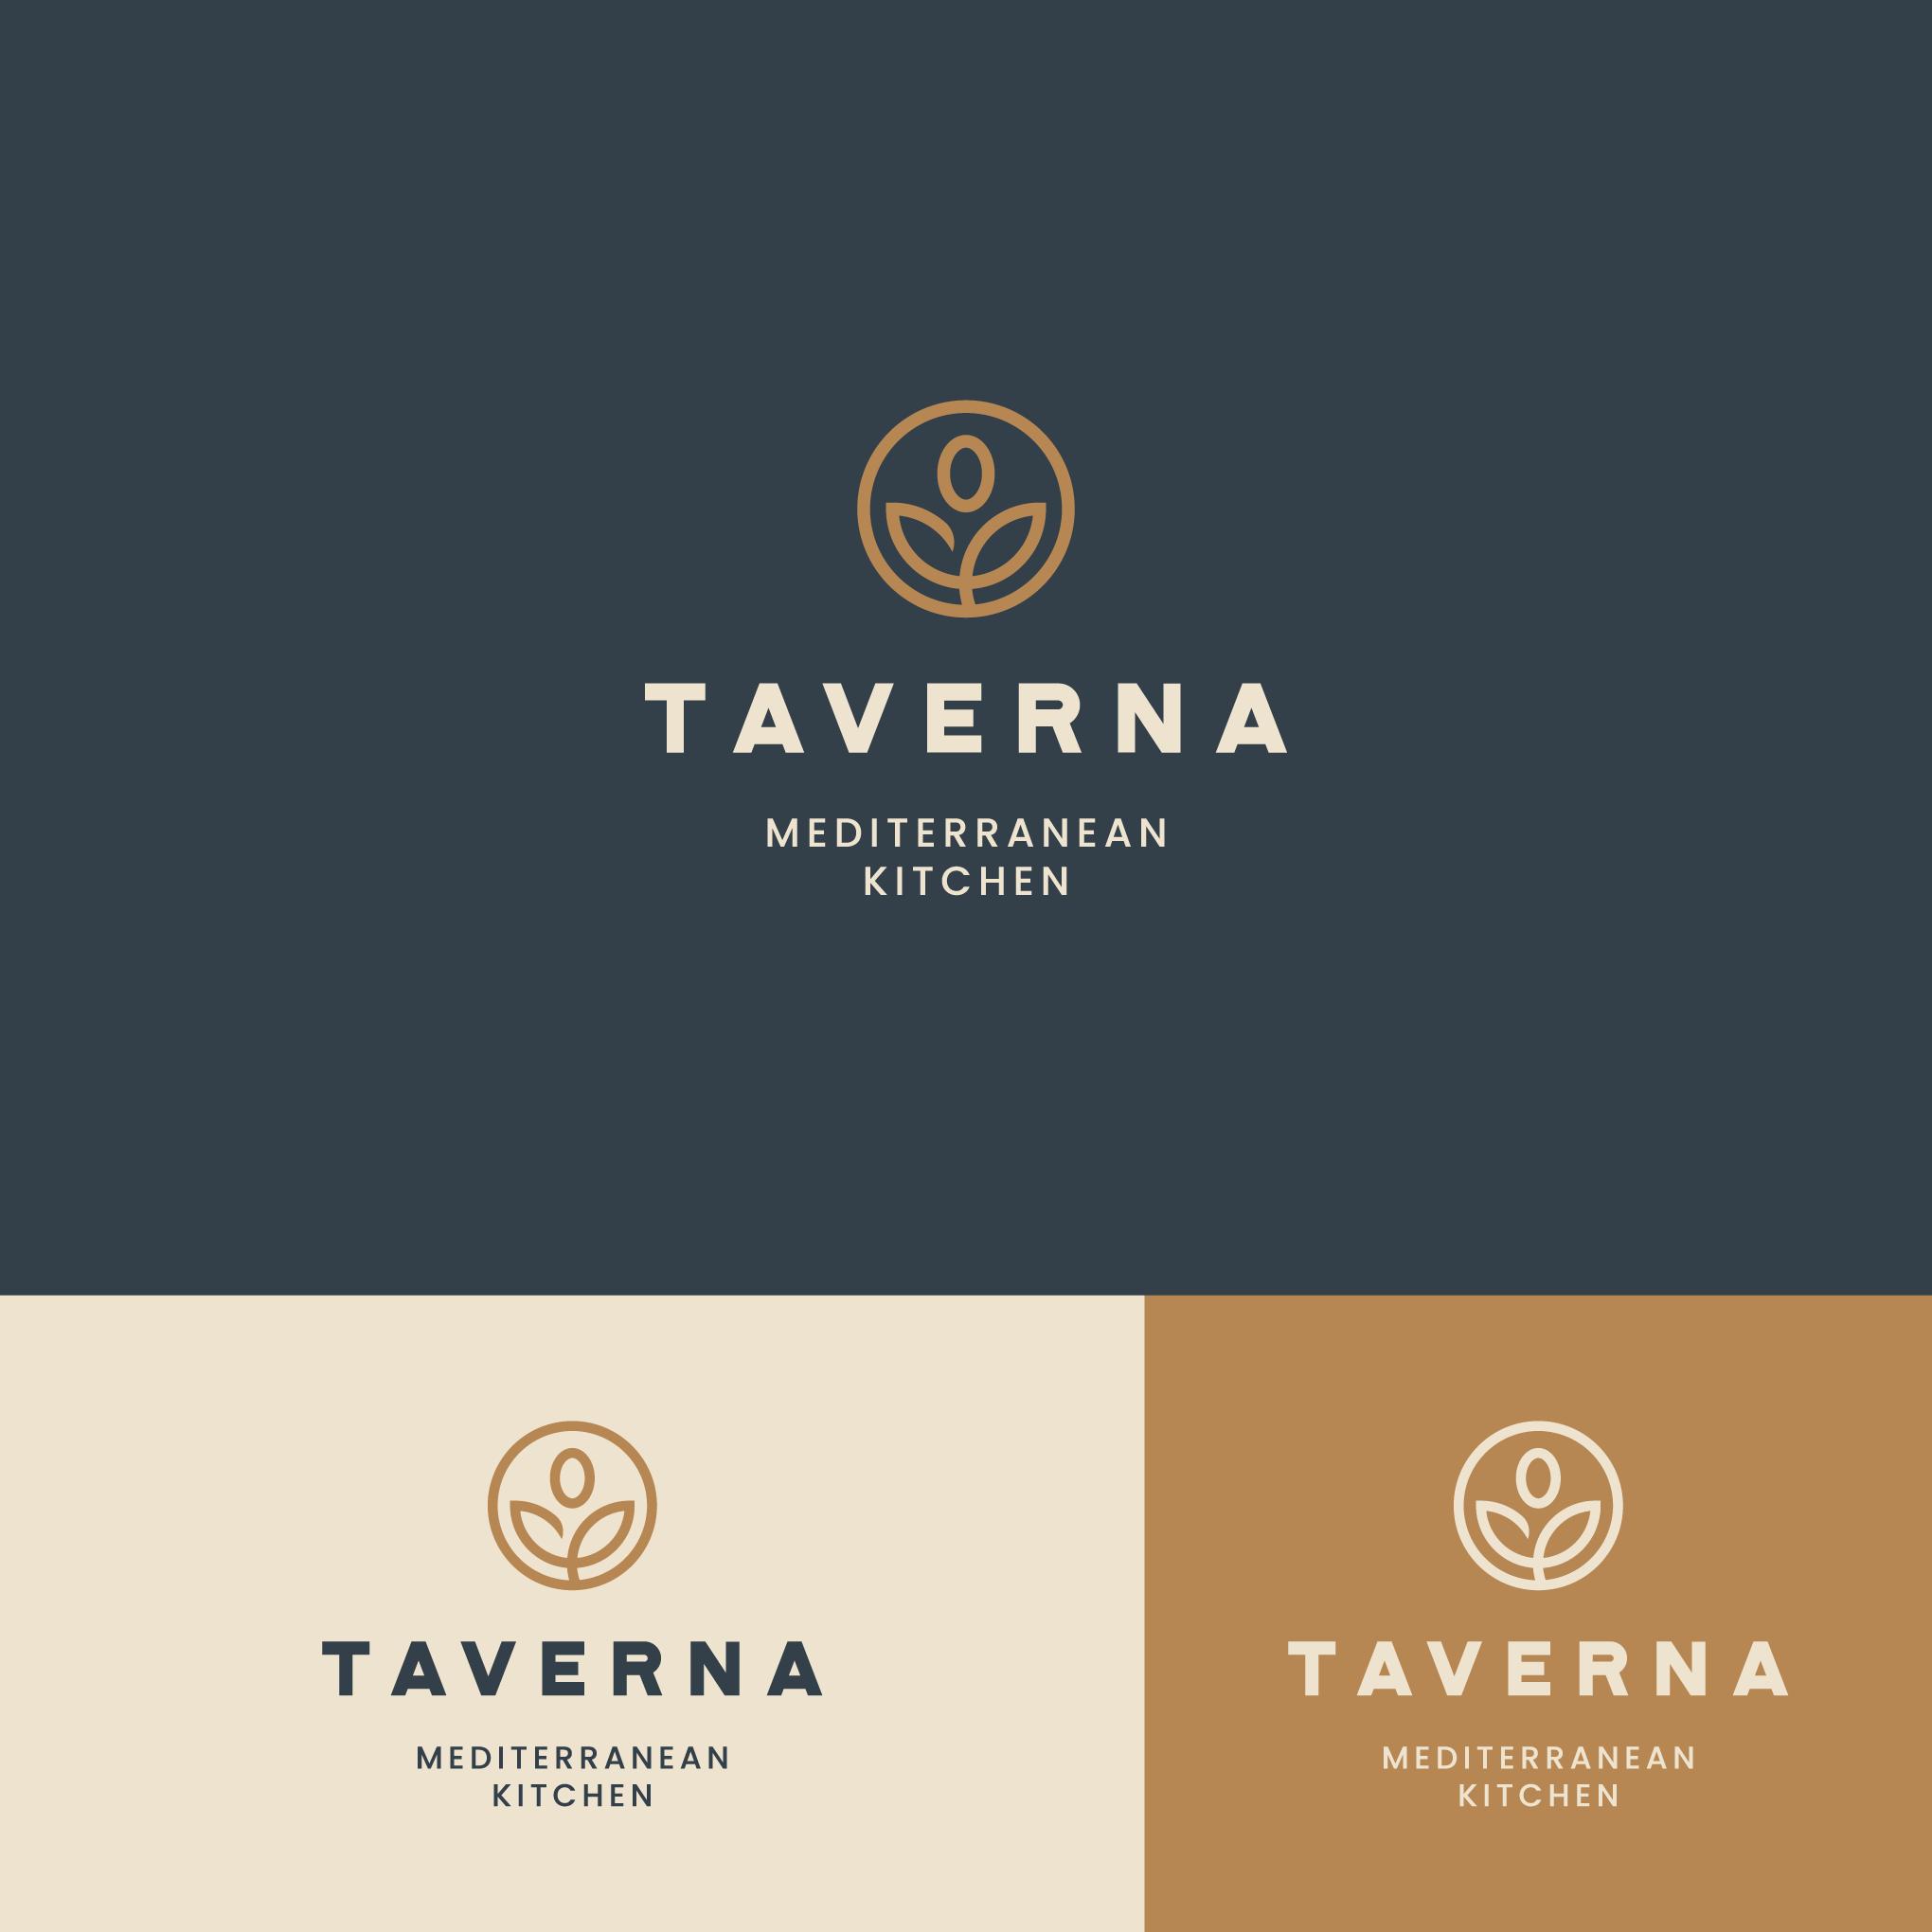 TAVERNA-LOGO-DESIGN1